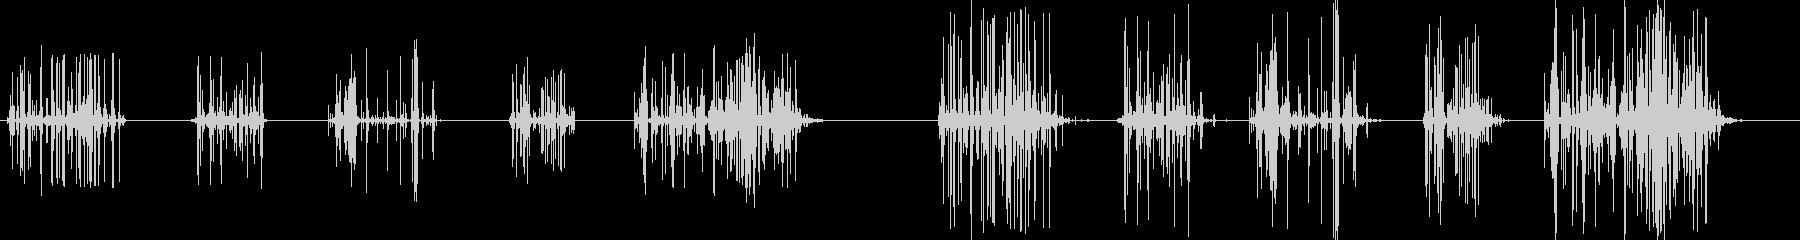 ウッドスマッシュ-5バージョンX ...の未再生の波形